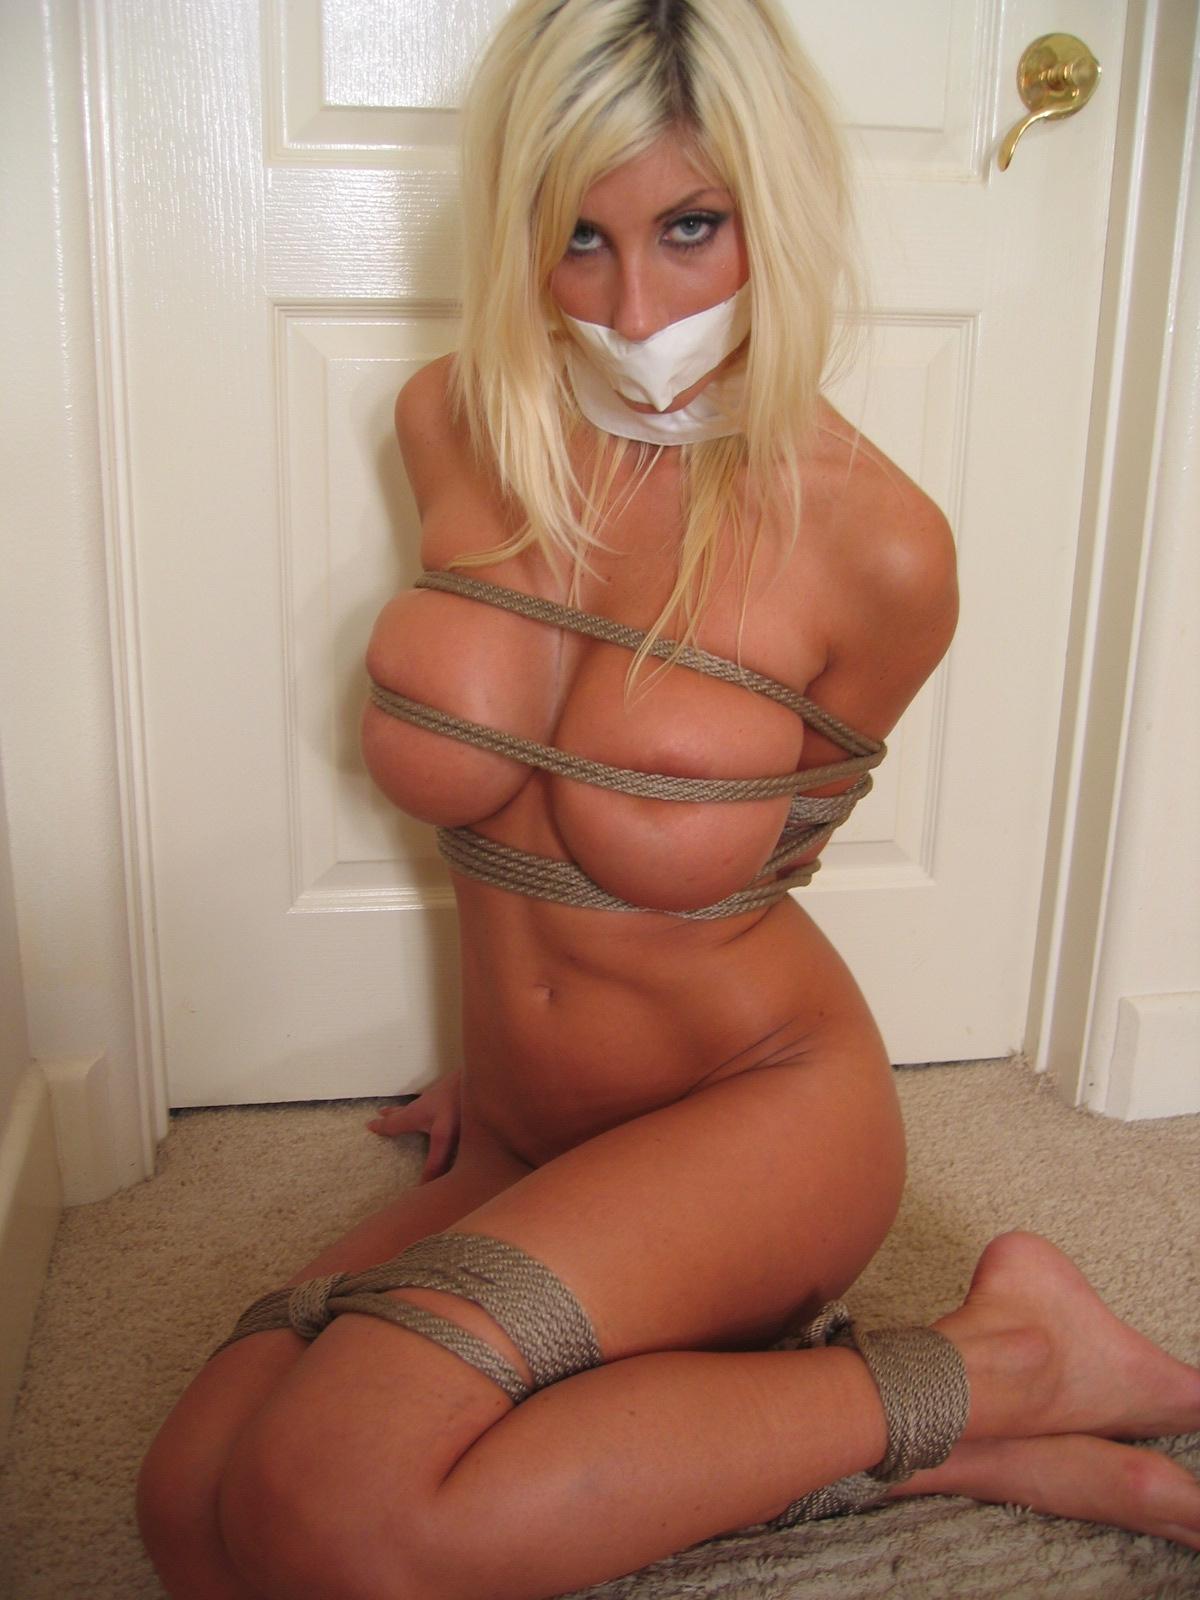 Swedish bondage